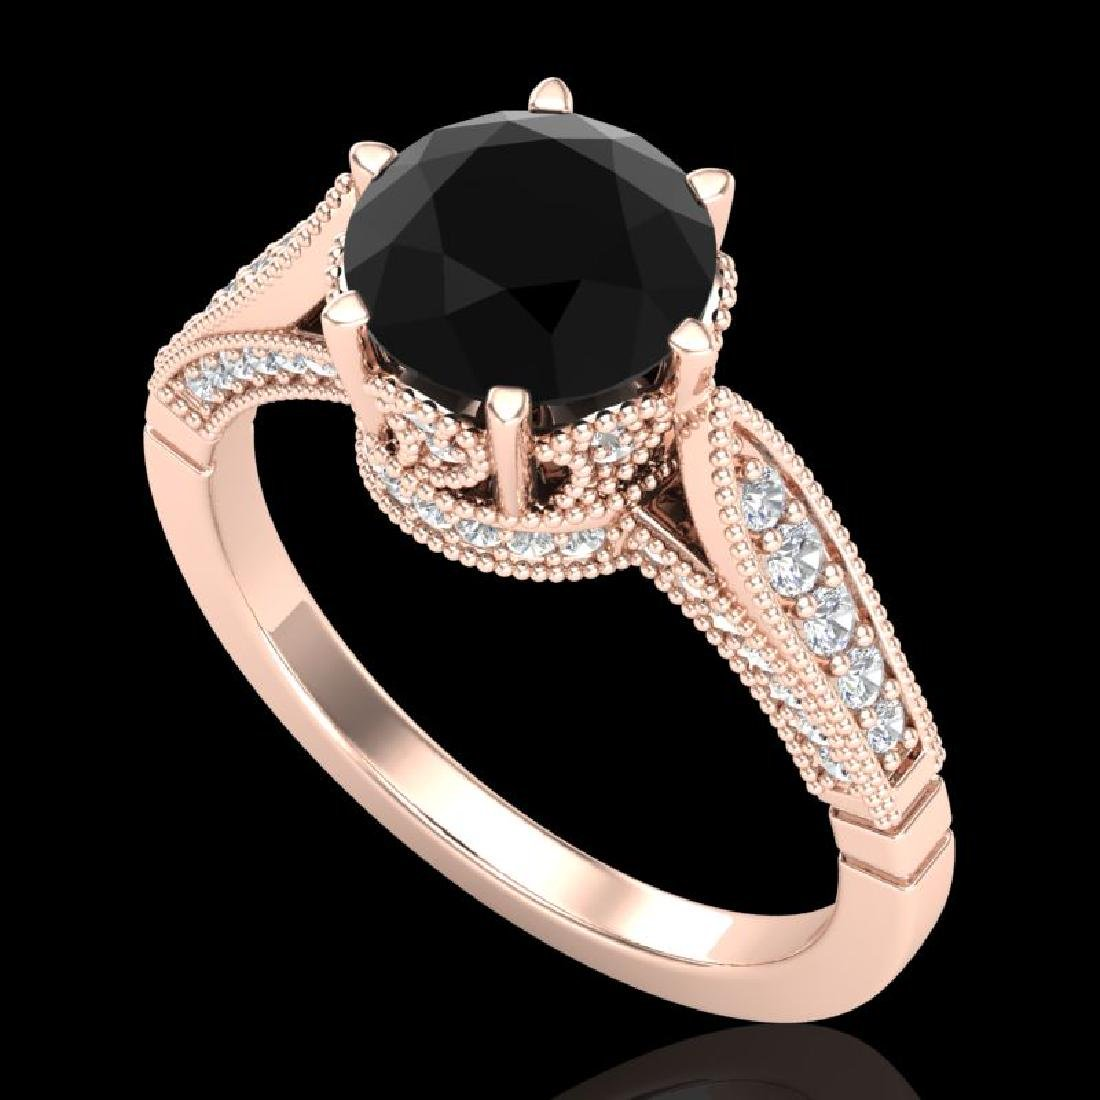 2.2 CTW Fancy Black Diamond Solitaire Engagement Art